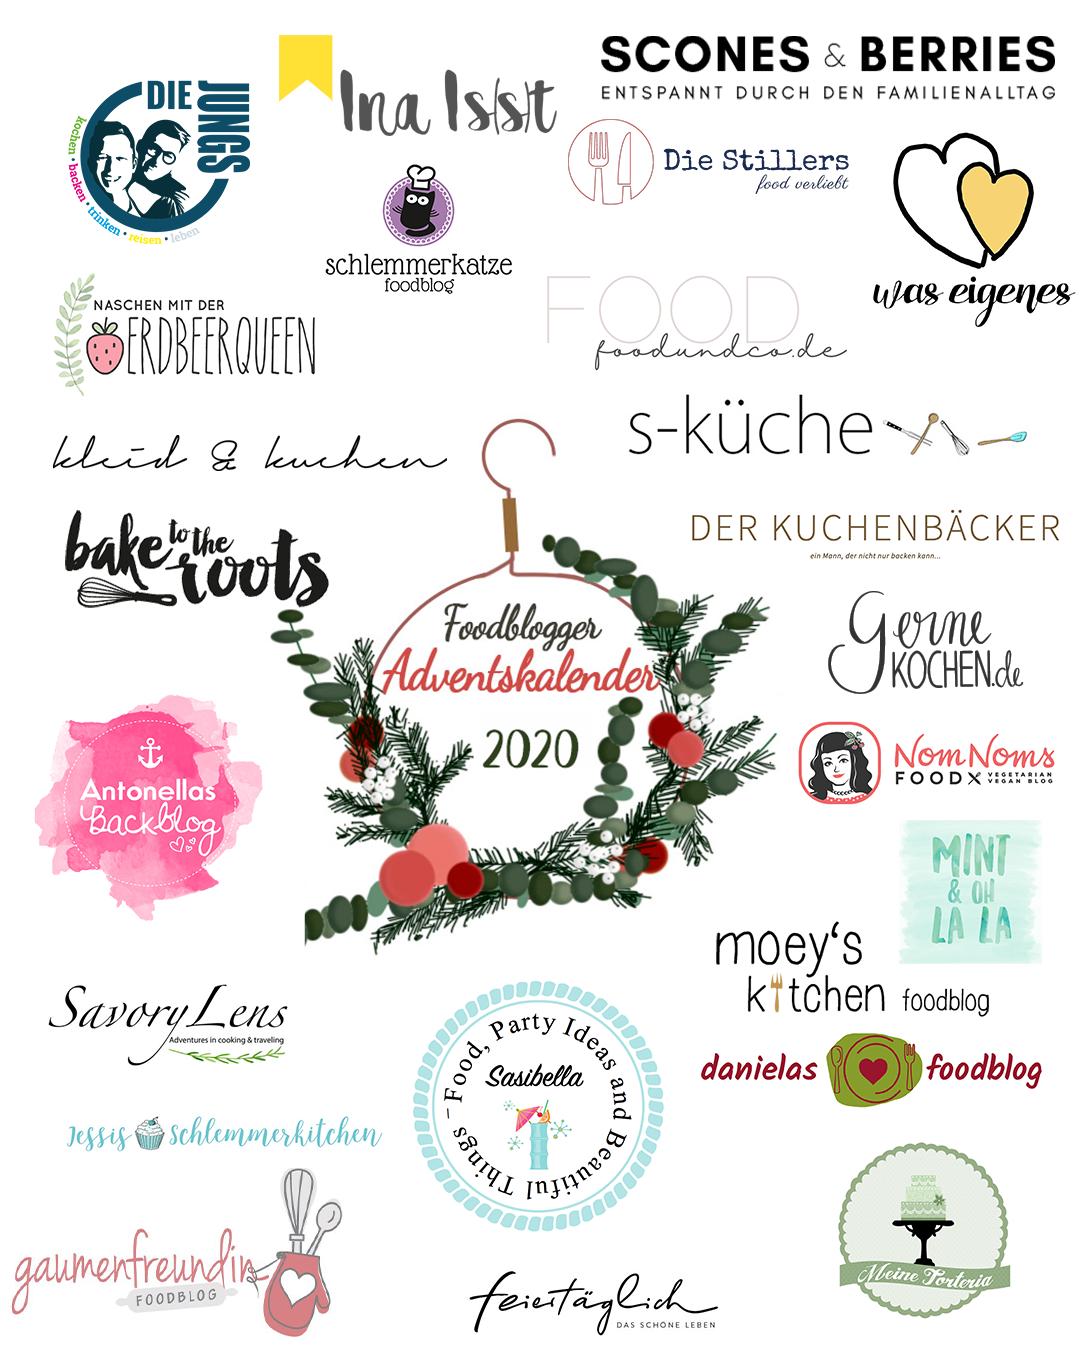 Food Blogger Adventskalender 2020